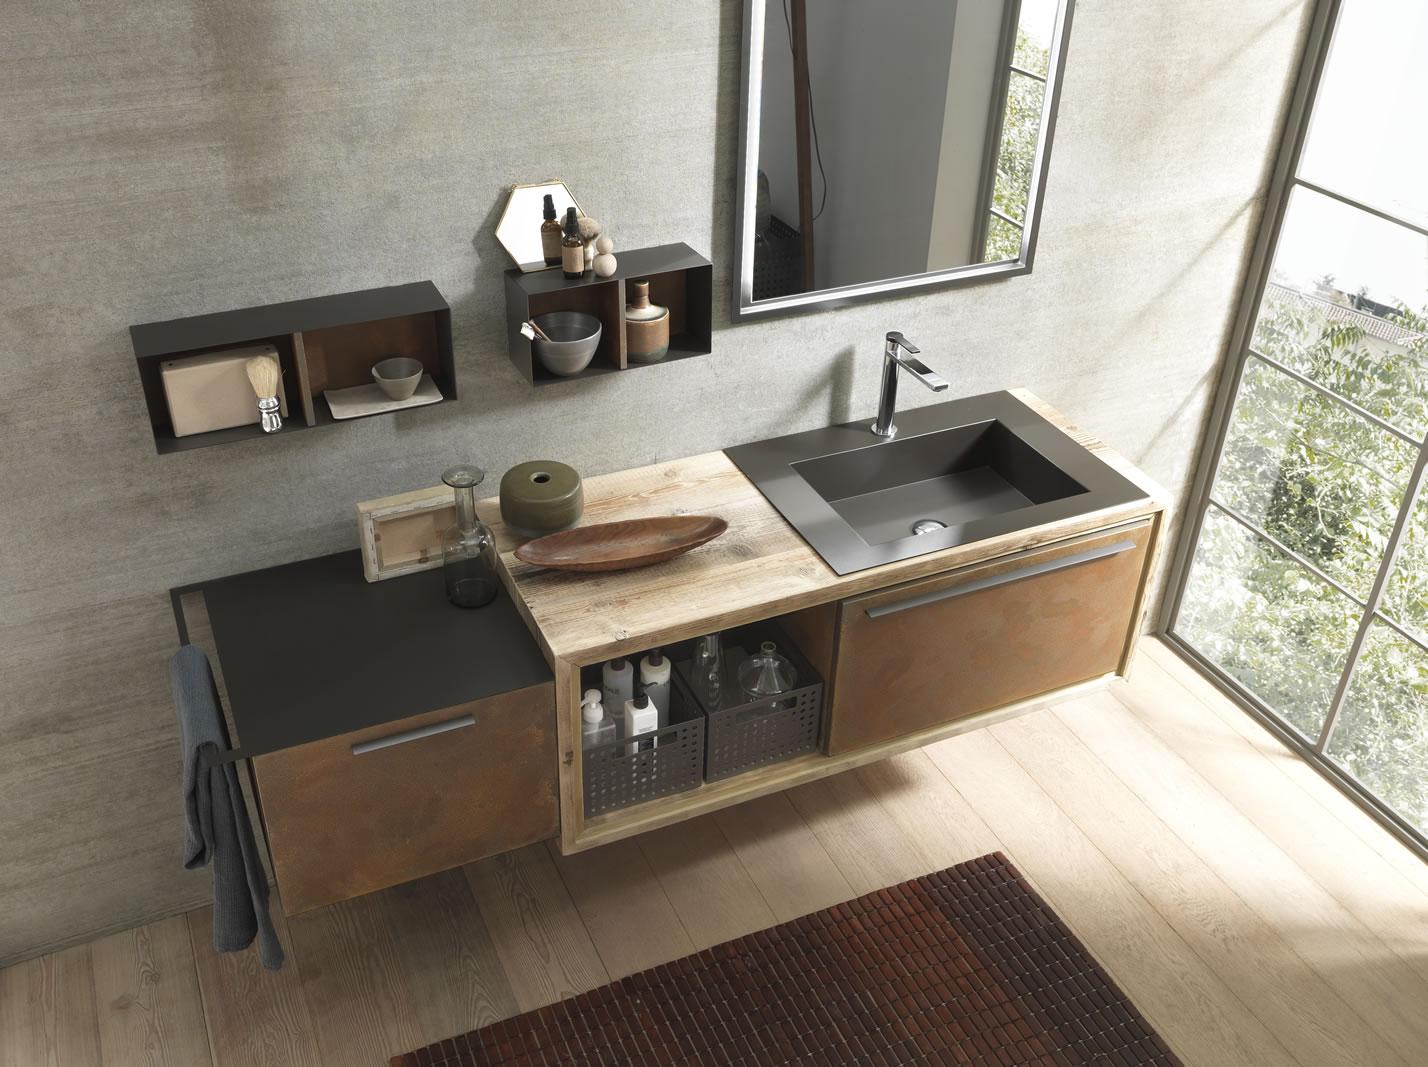 Bagni moderni piastrellando for 2 piani letto 2 bagni